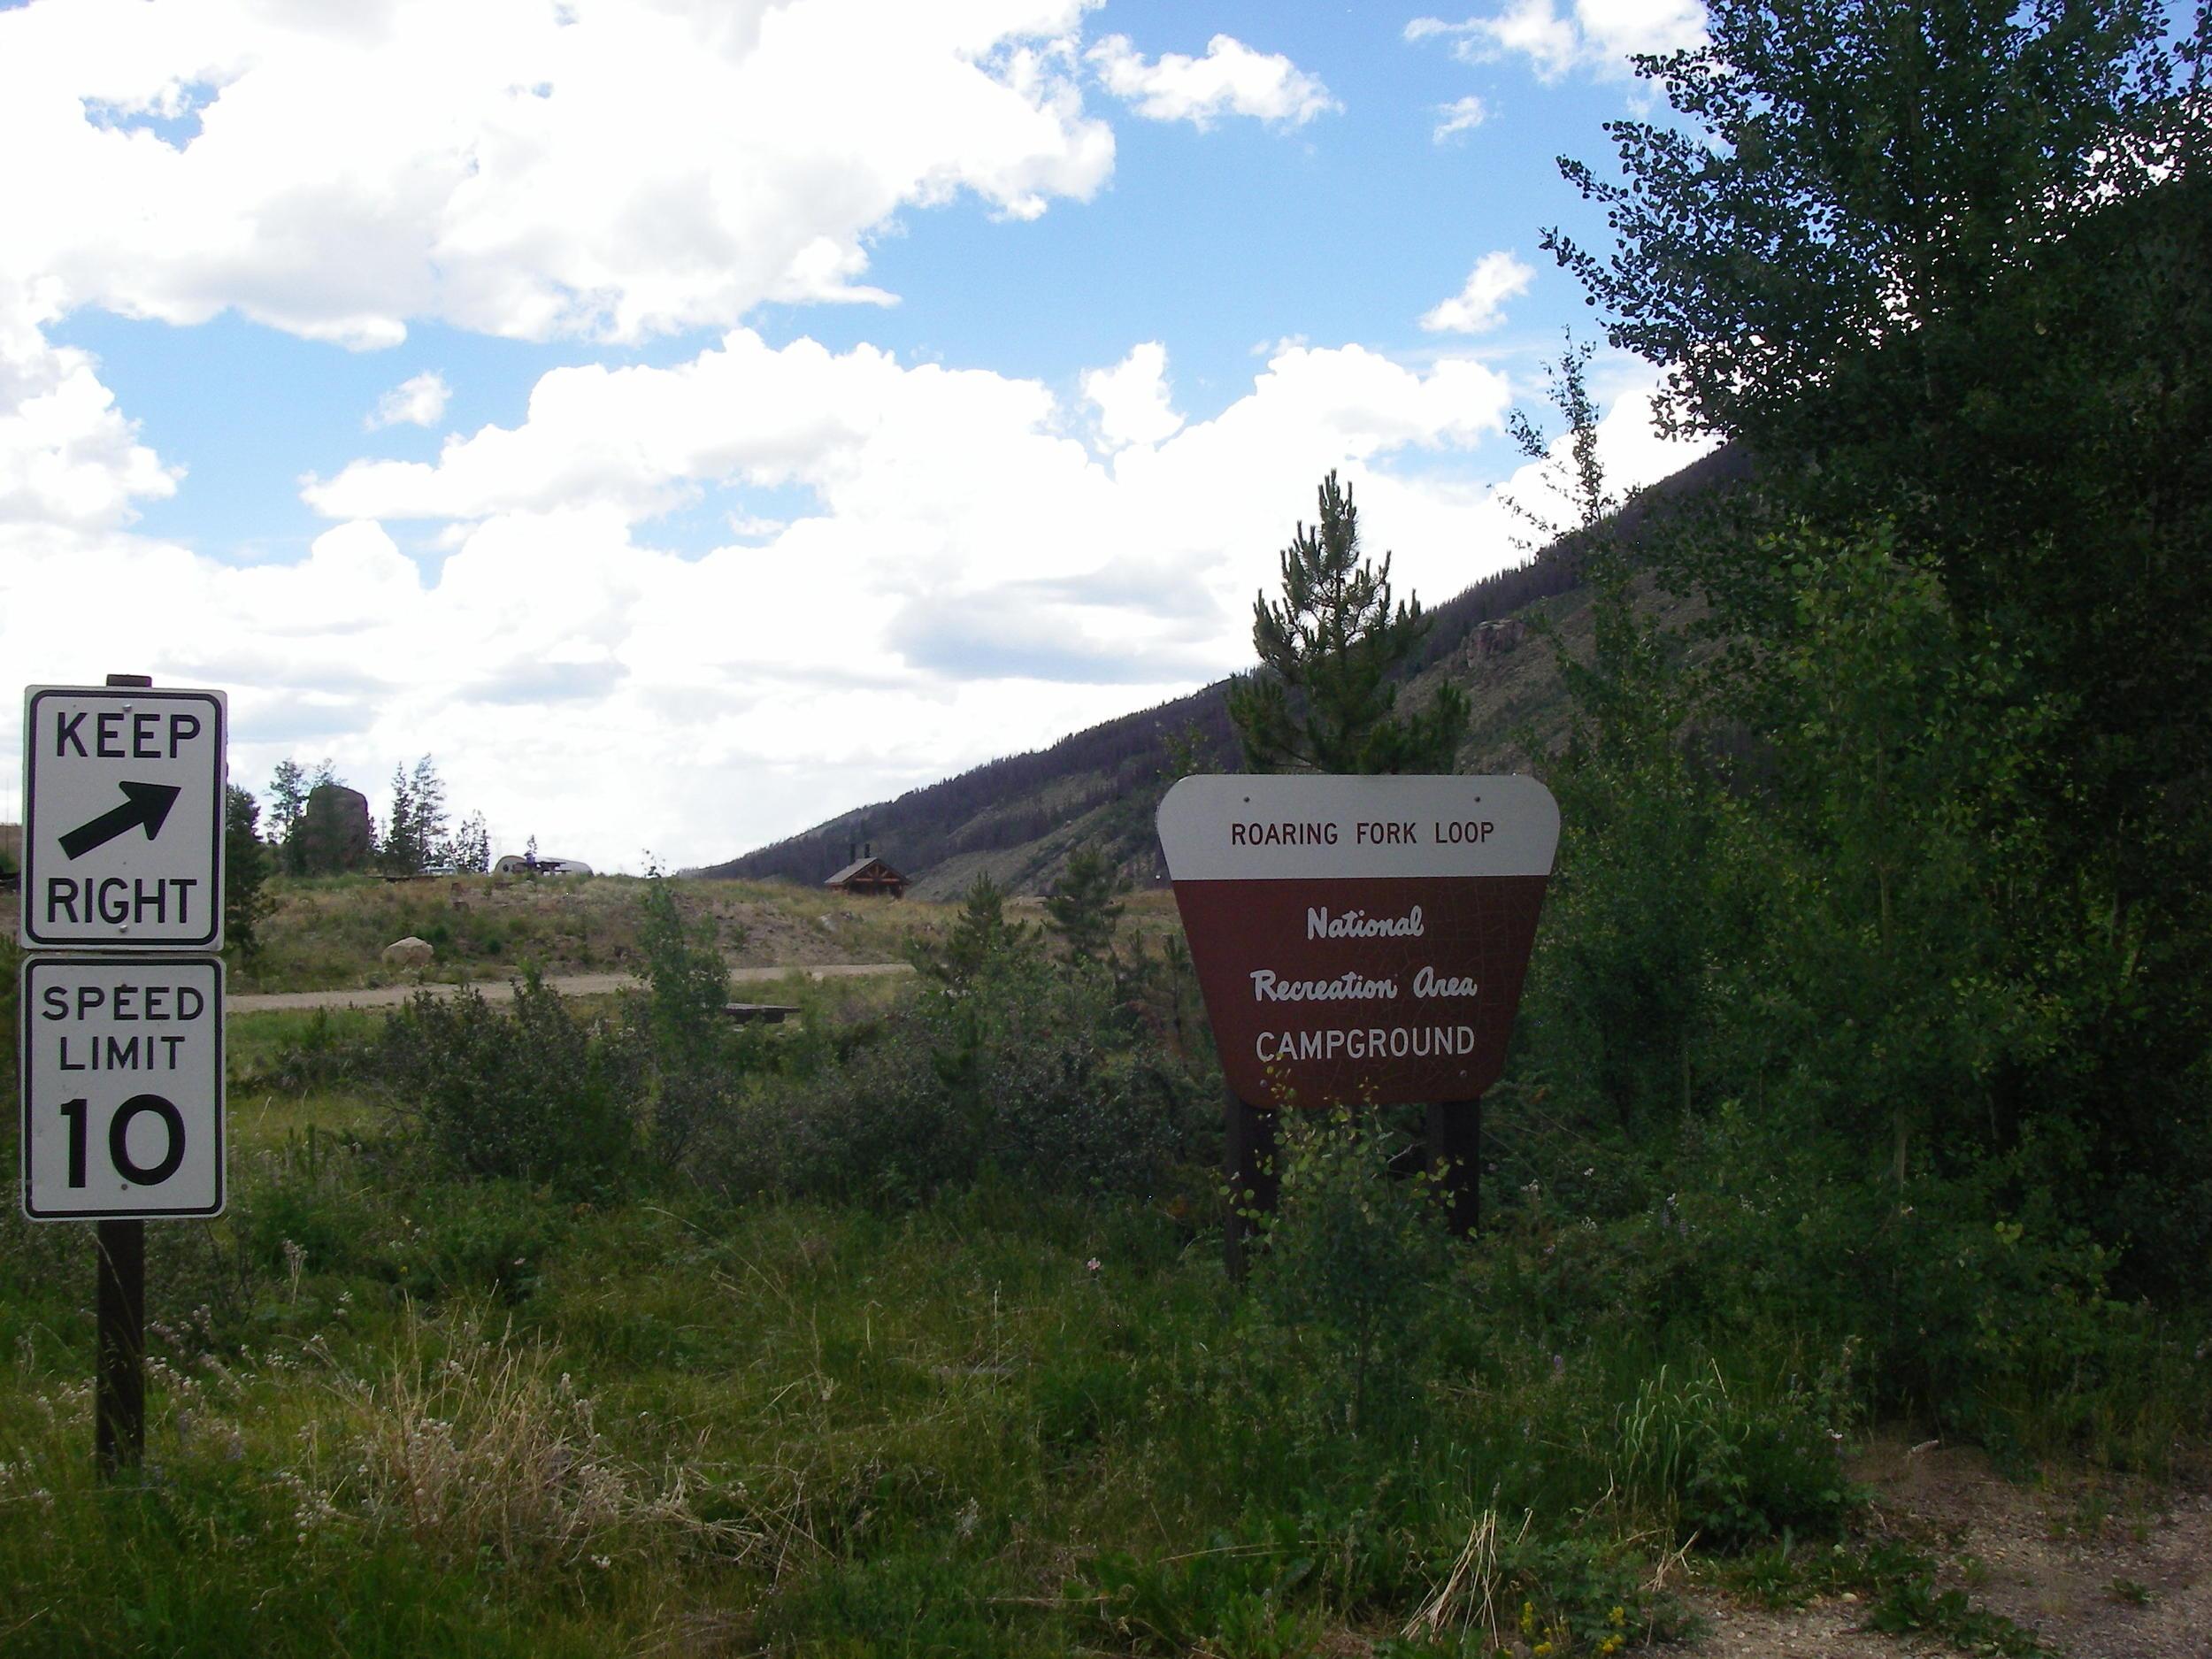 Welcome to Roaring Fork Loop